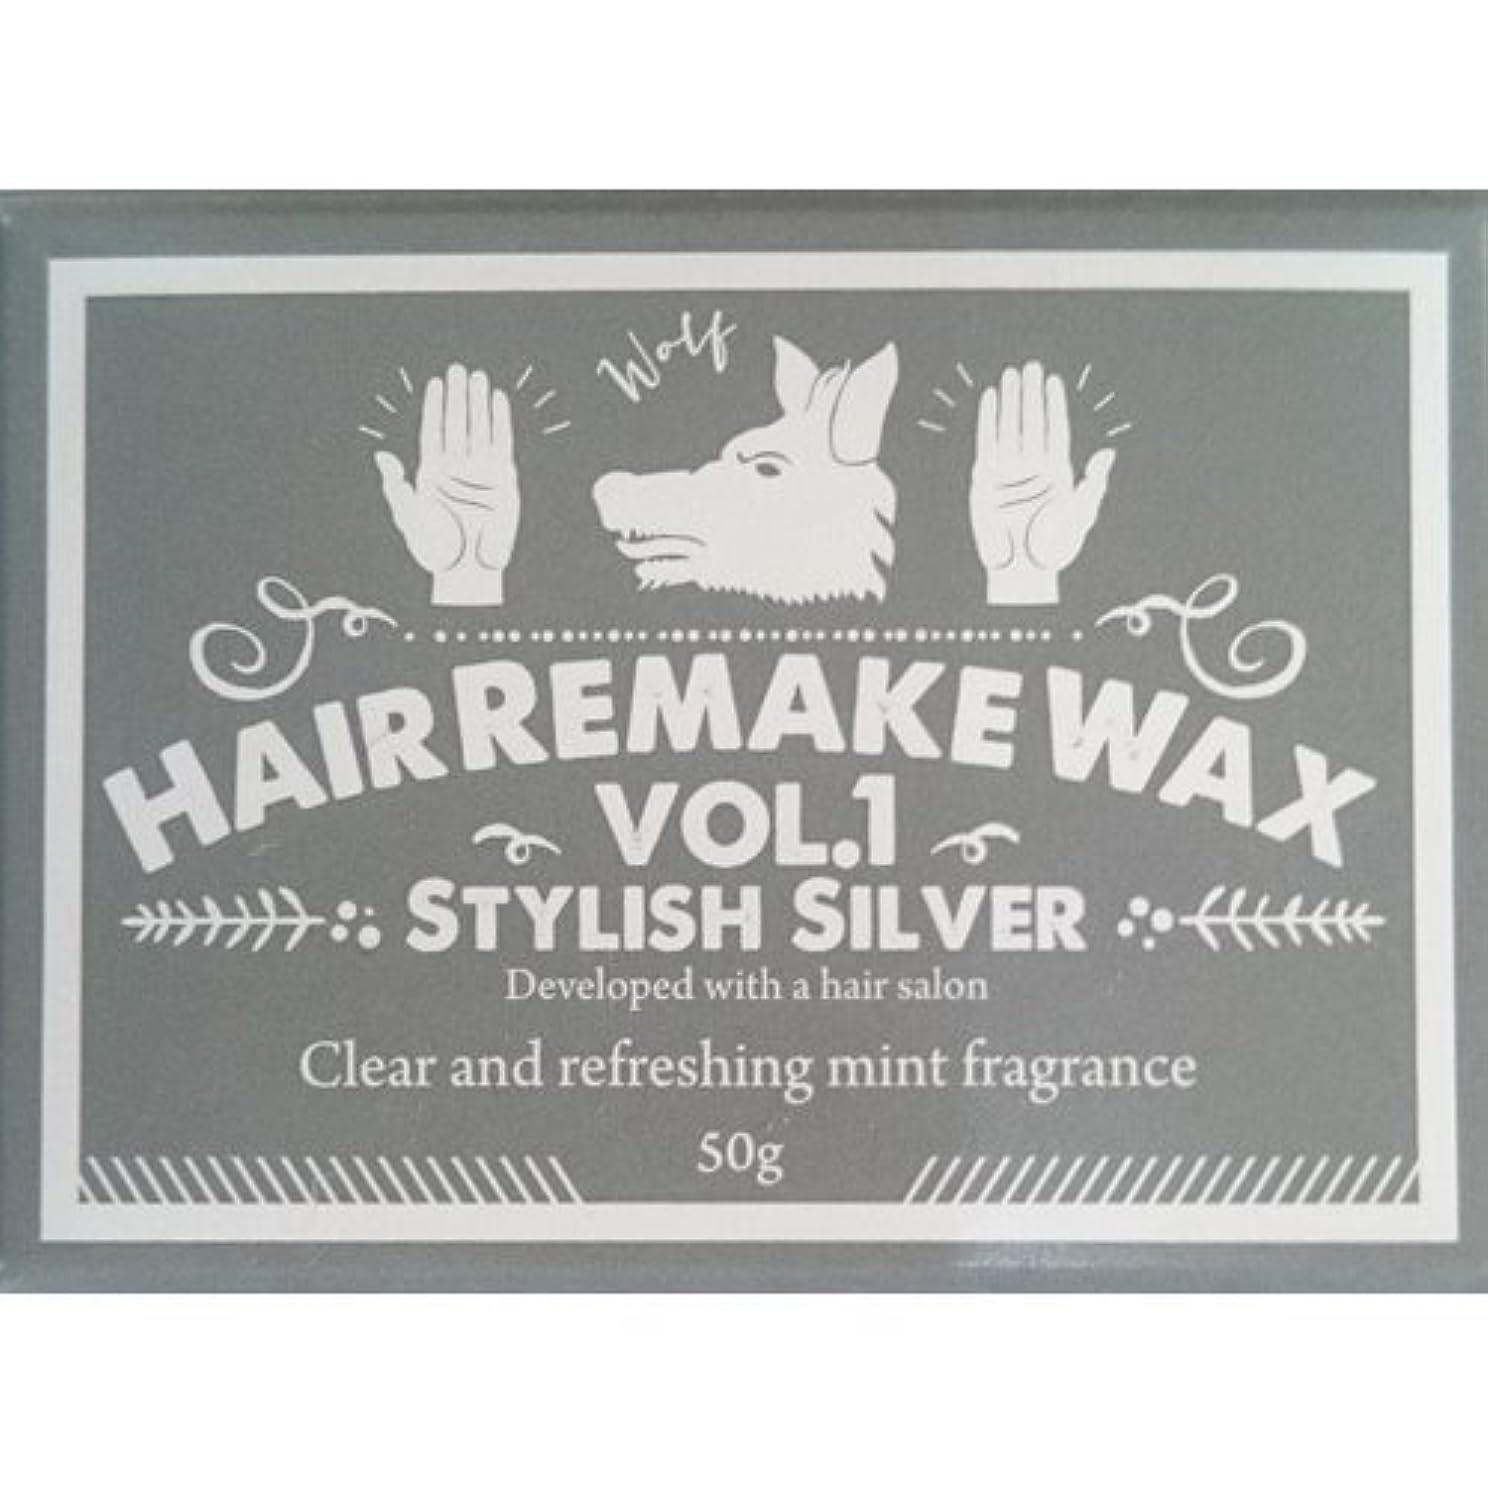 滝アソシエイト成分パーティー 変装 銀髪用 Hair Remake(ヘアーリメイクワックス)WAX Vol.1 スタイリッシュシルバー 50g